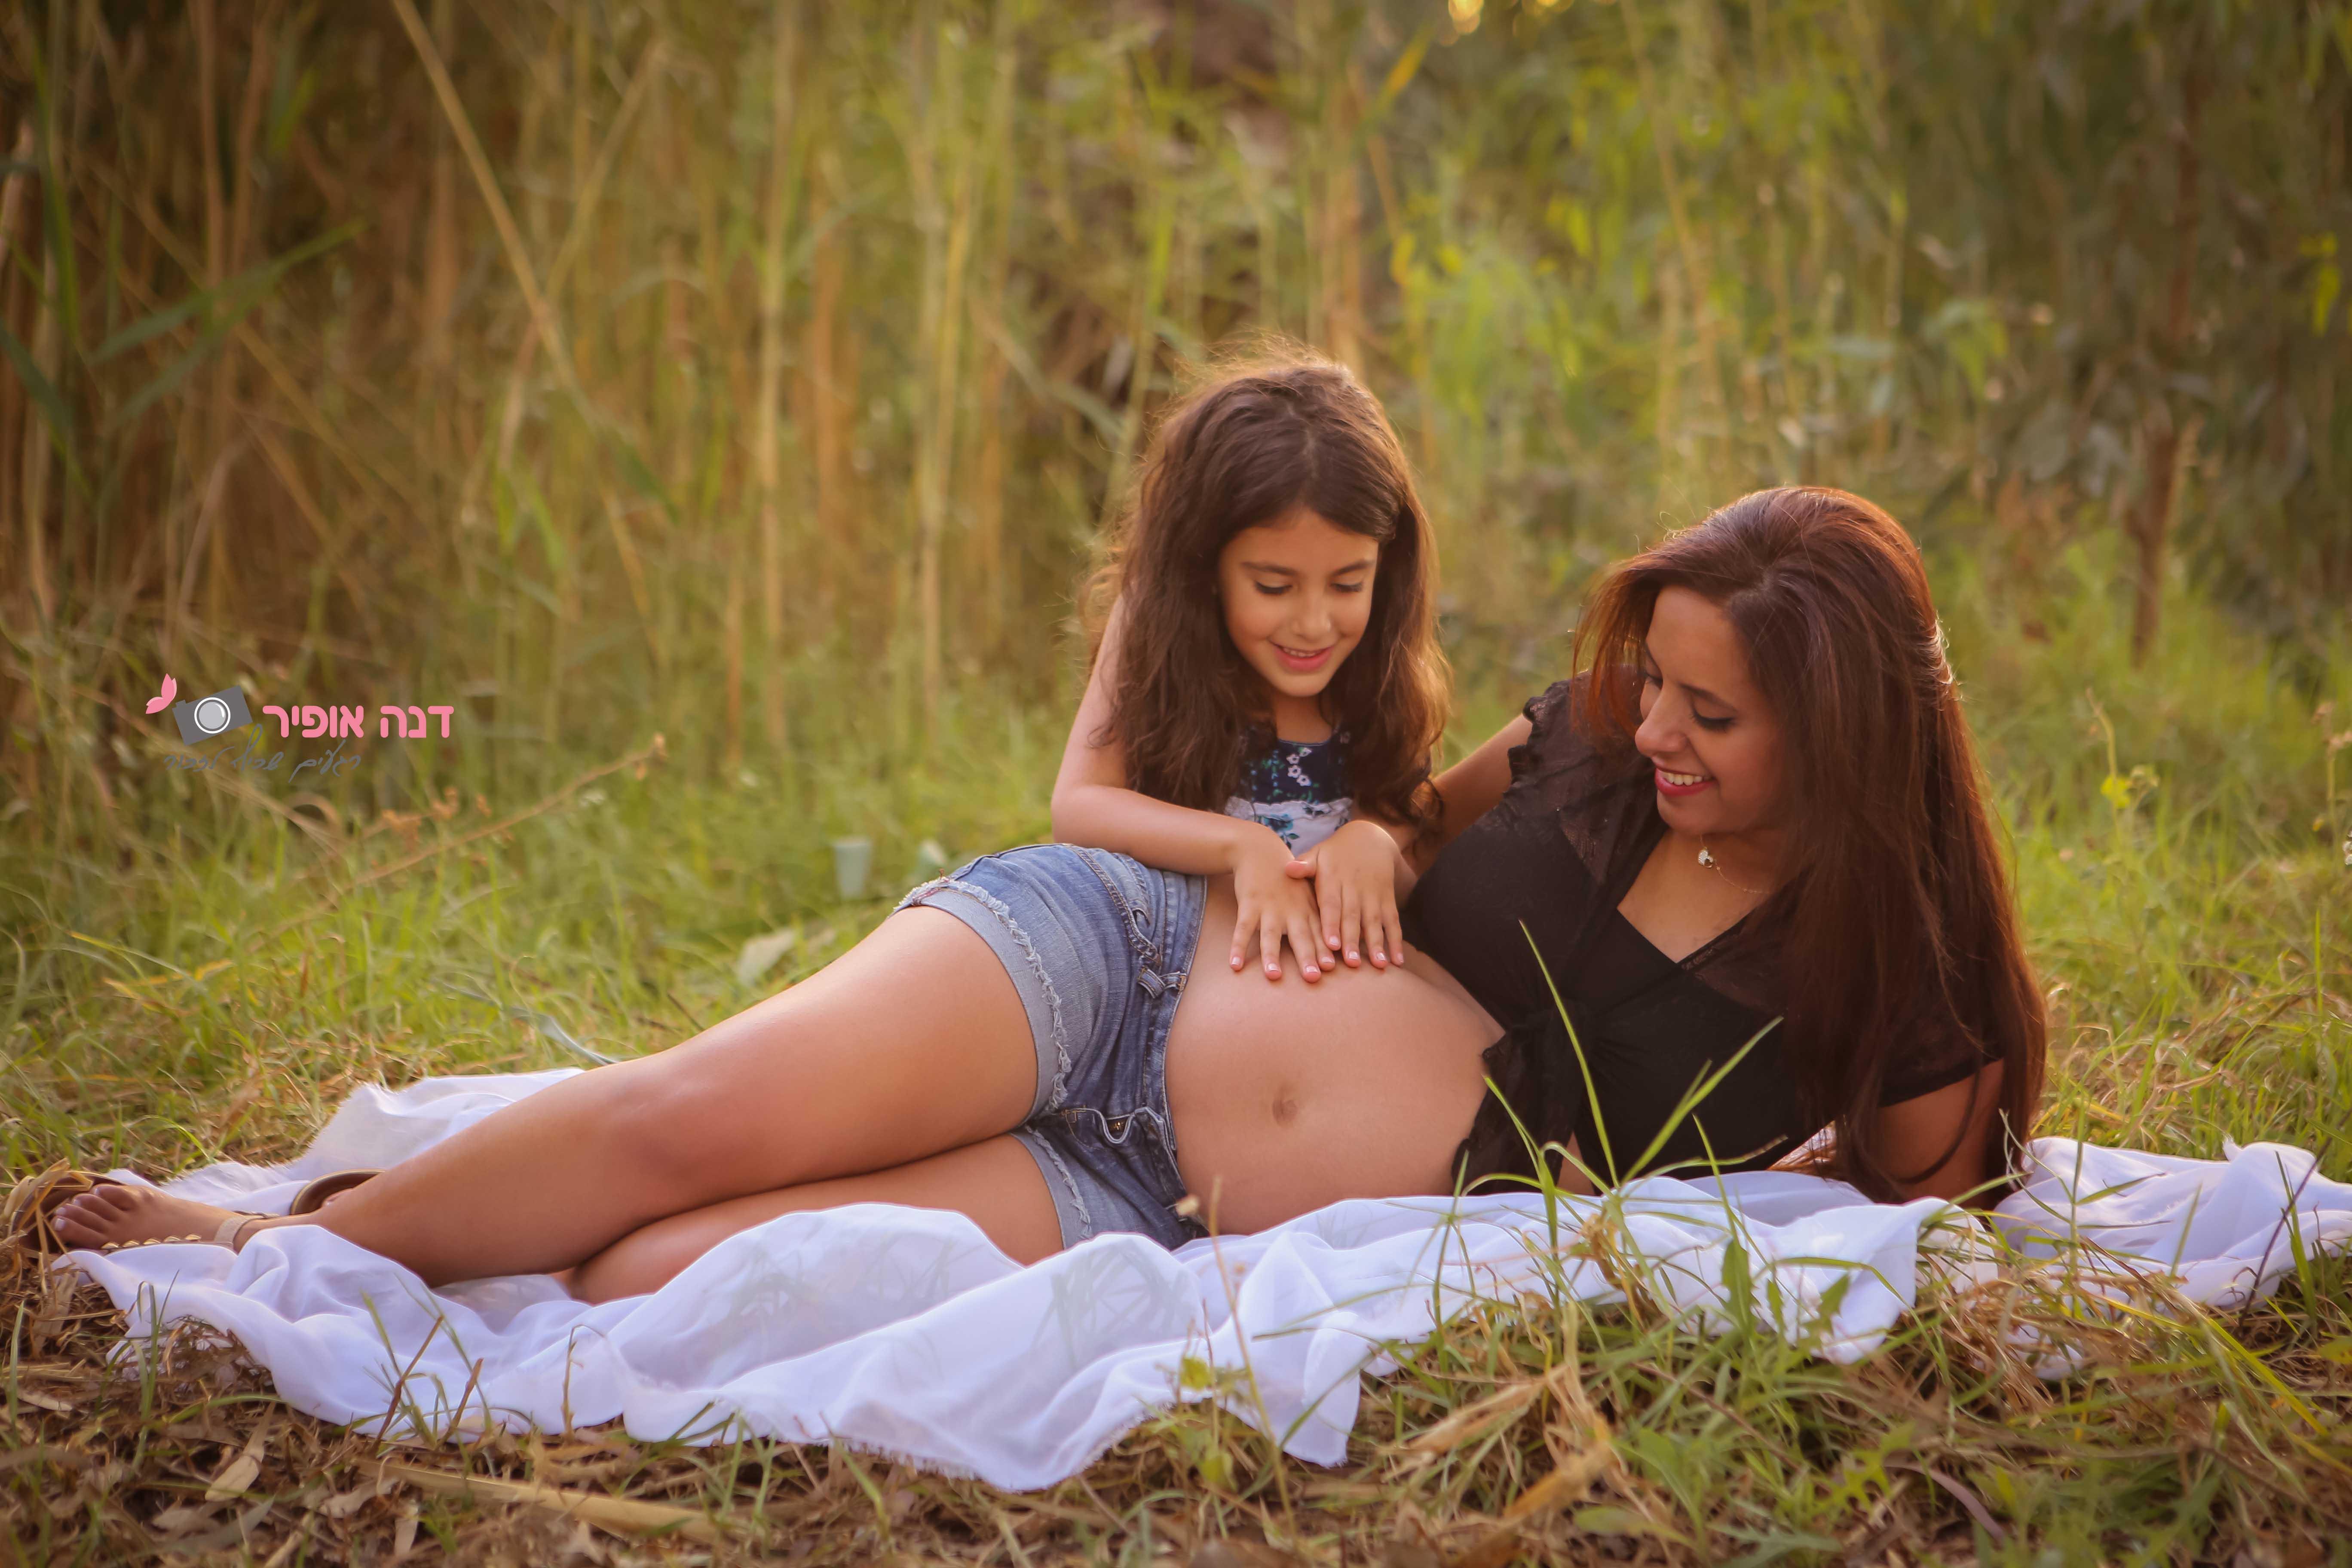 צילום הריון ומשפחה בטבע | סטודיו דנה אופיר